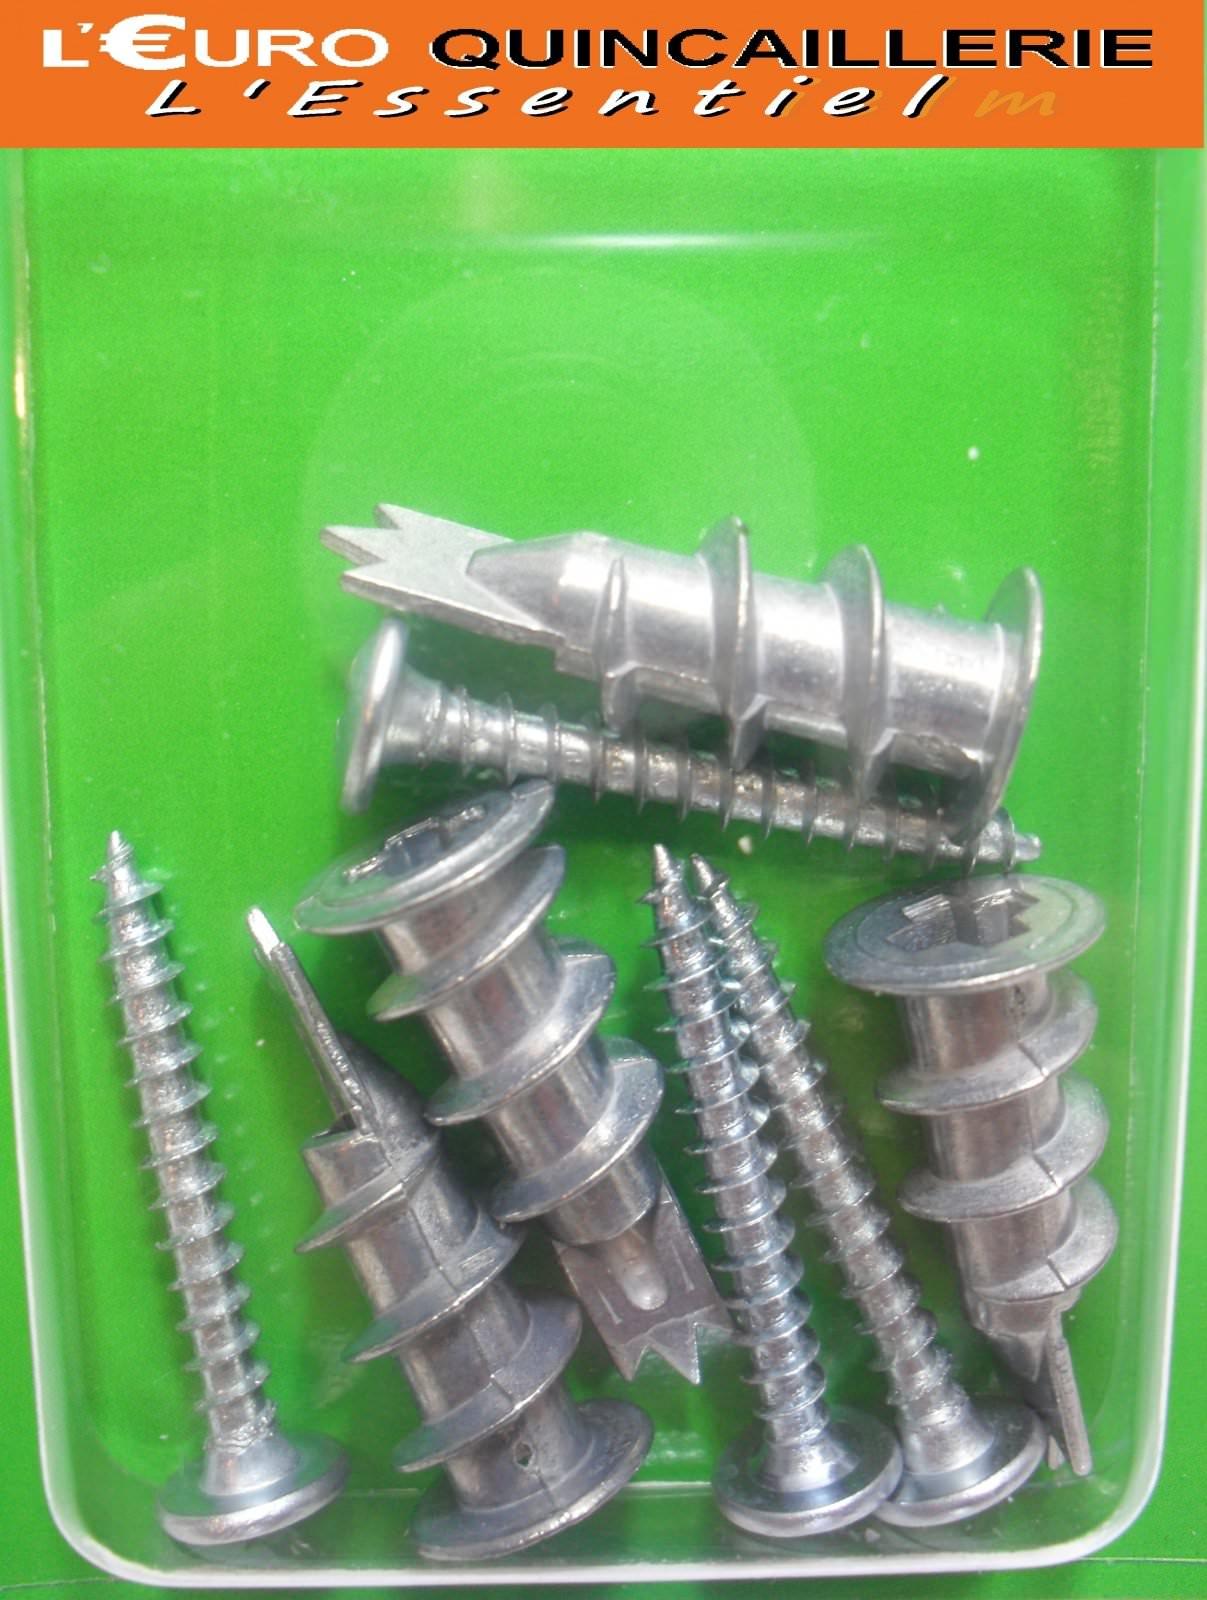 4 Chevilles auto-forantes matériaux creux vis 4.5x35mm